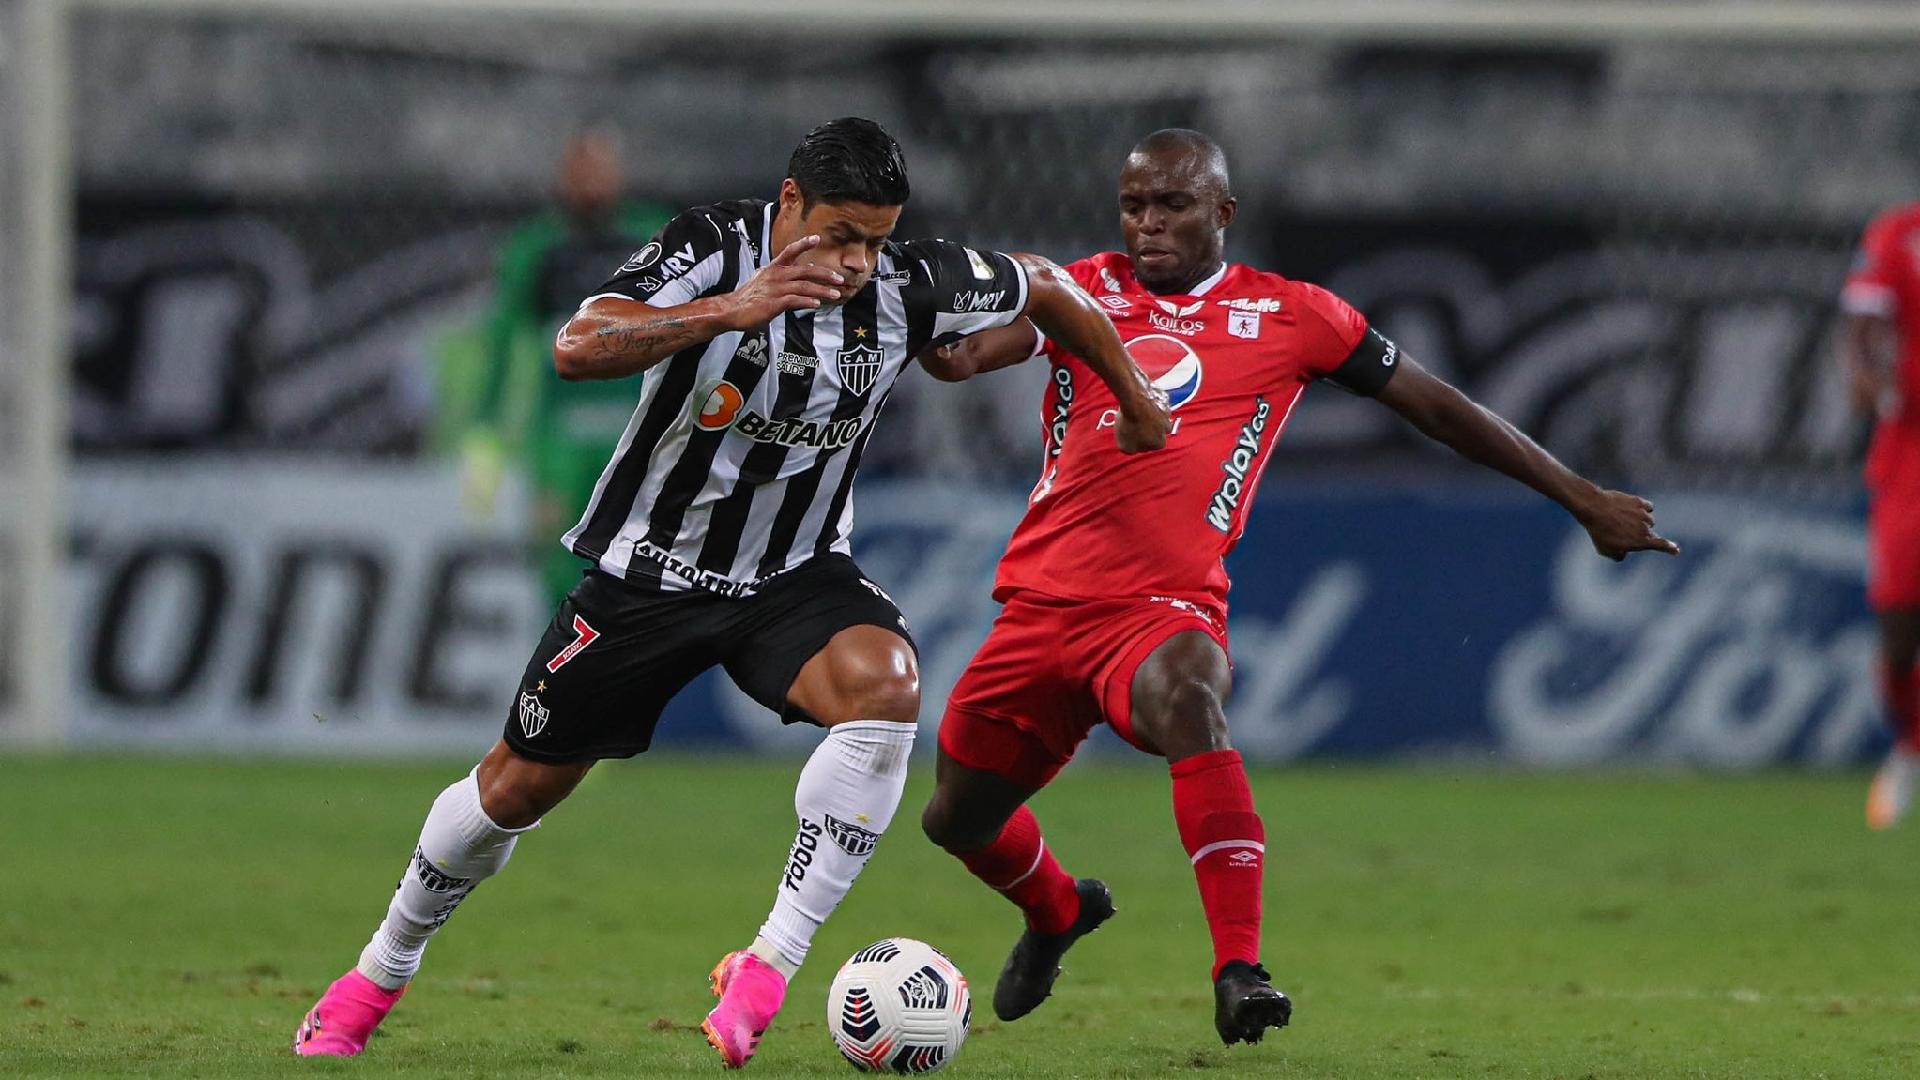 Em alta no Atlético-MG, o atacante Hulk tem grandes chances de iniciar o duelo contra o Cerro Porteño entre os titulares